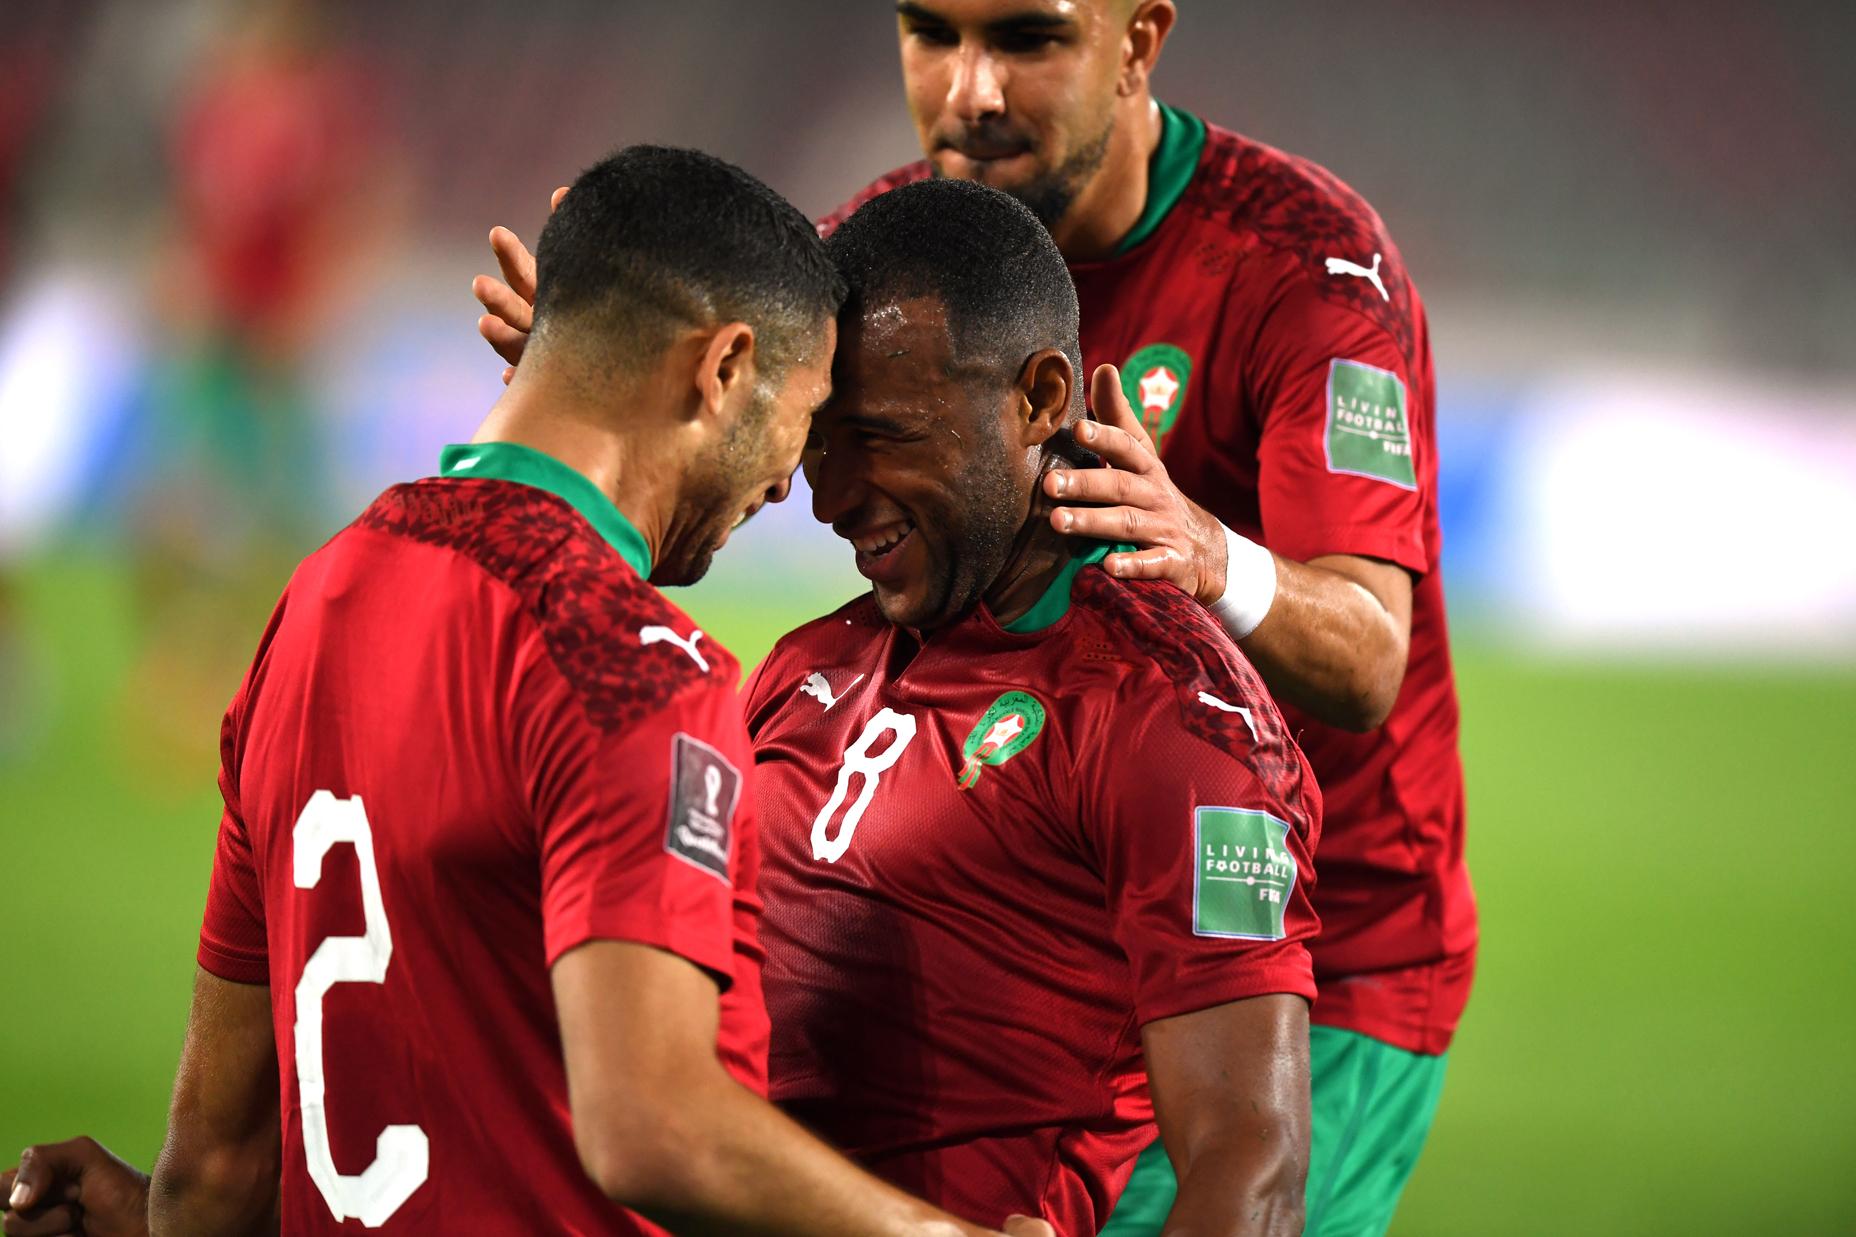 تصفيات مونديال 2022: المغرب والسنغال إلى الدور النهائي والجزائر تستعيد الصدارة